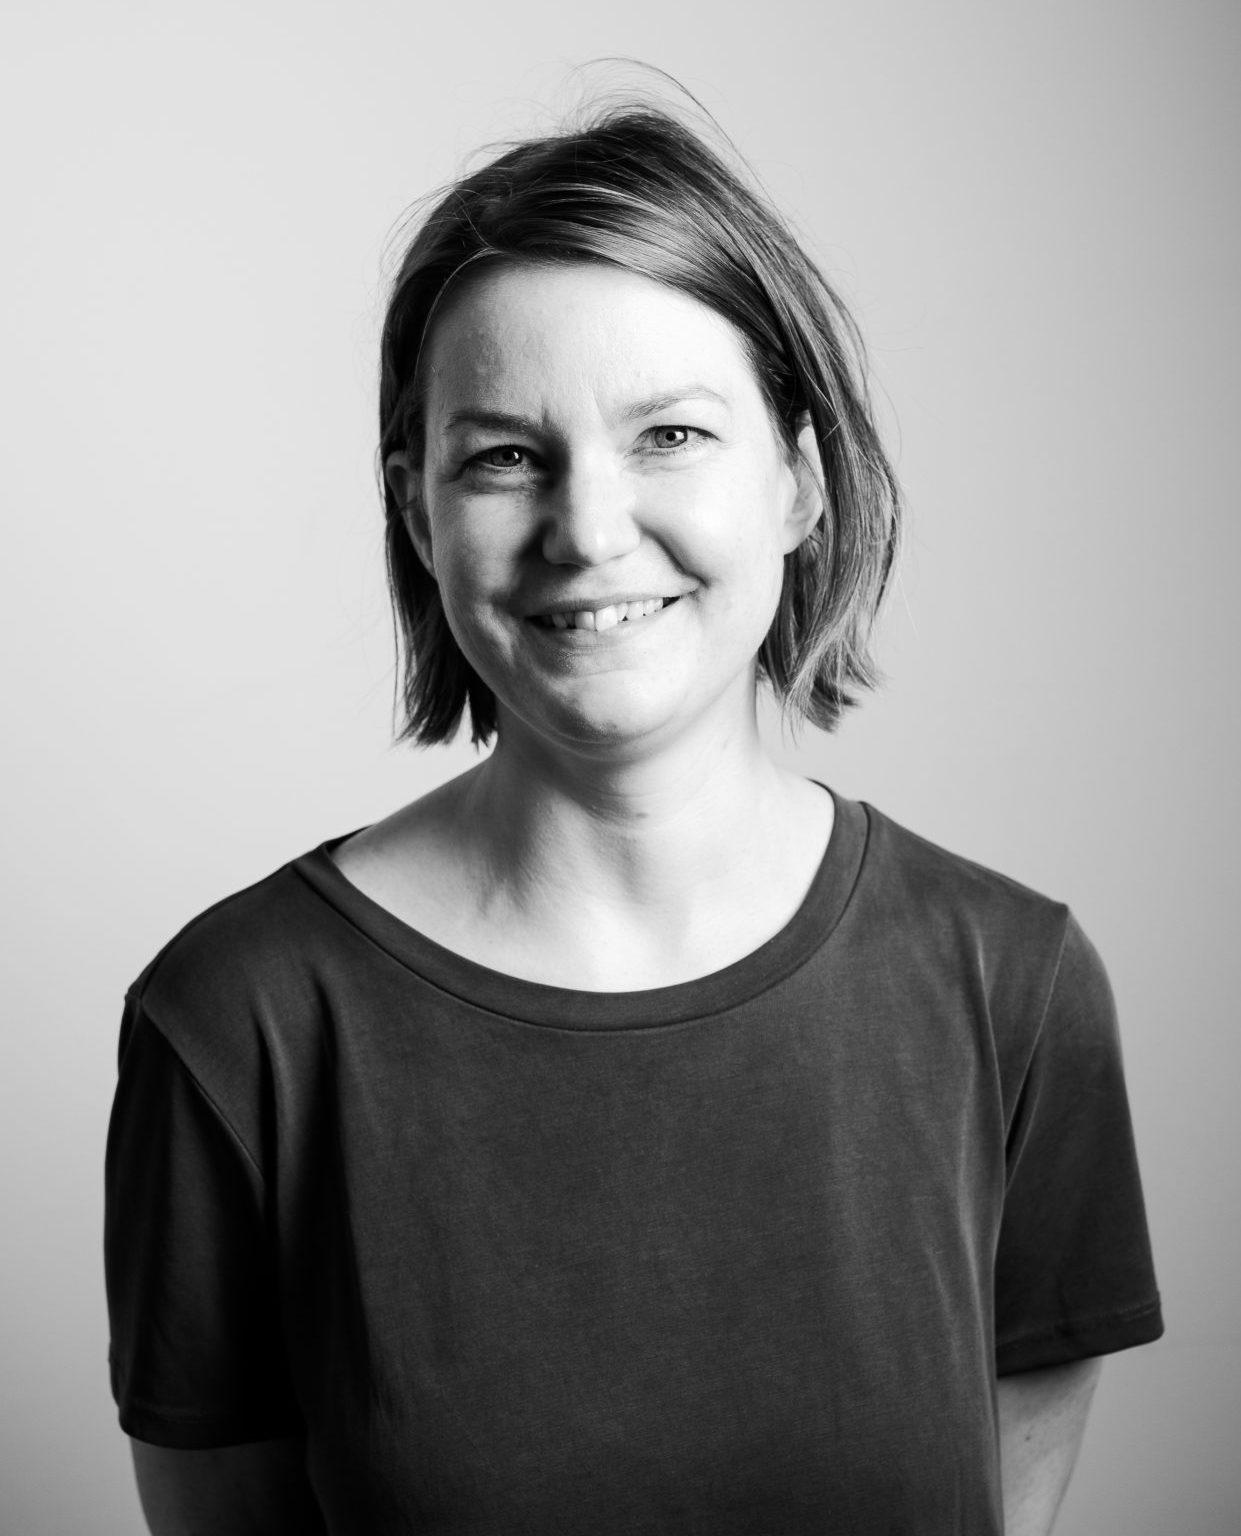 Anna Panzenberger